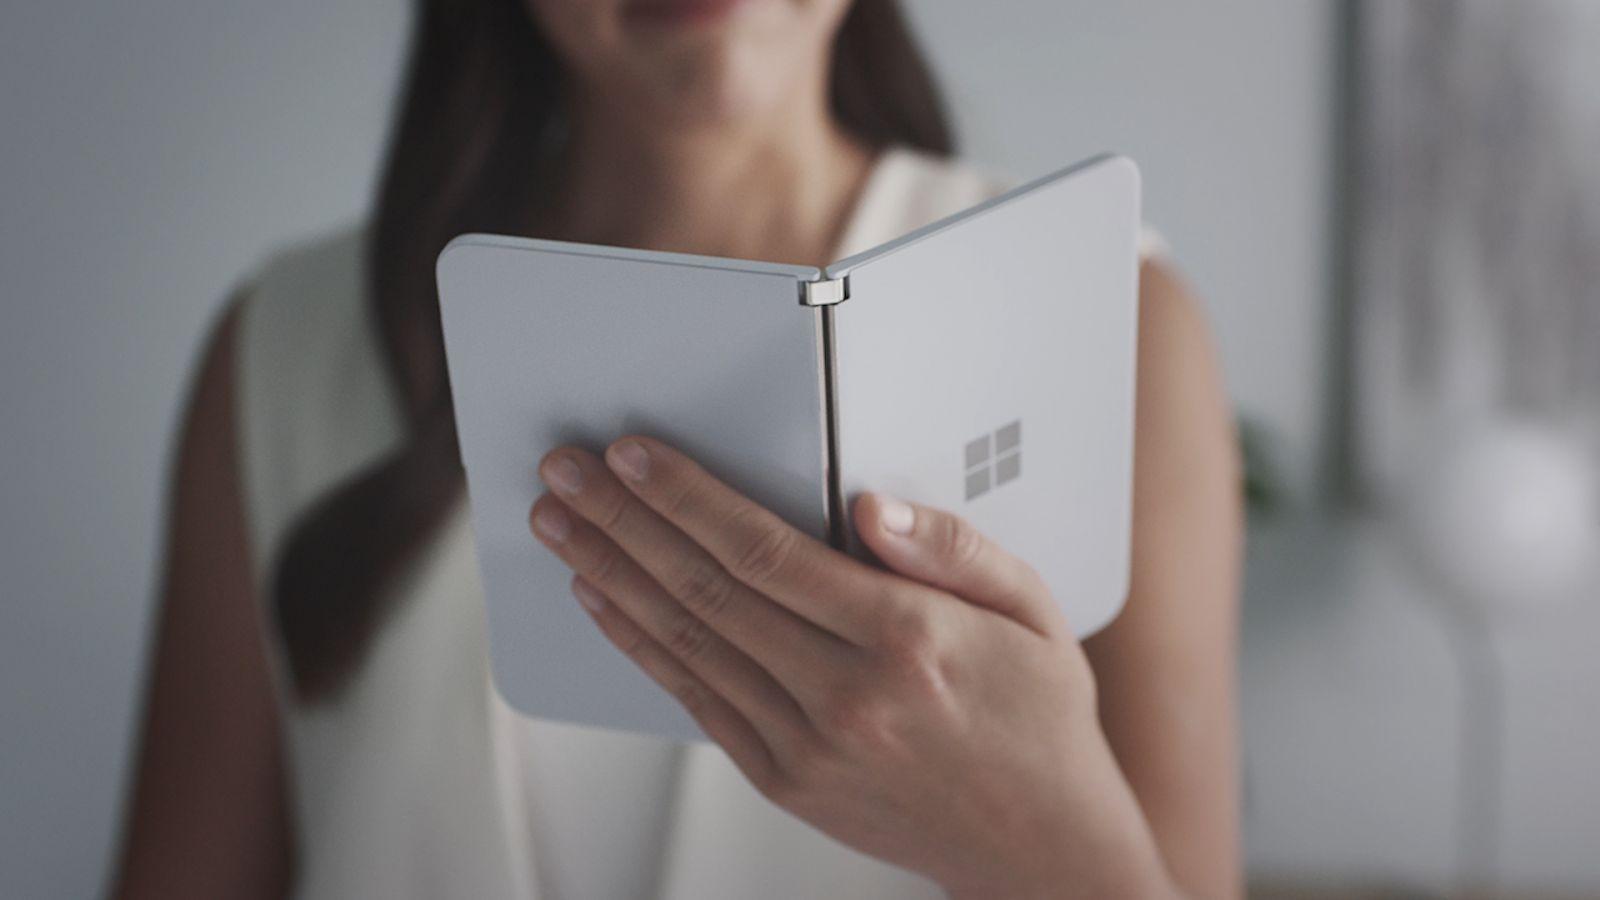 На корпусах новых Microsoft Surface Duo начали появляться трещины (SurfaceDuo 3)